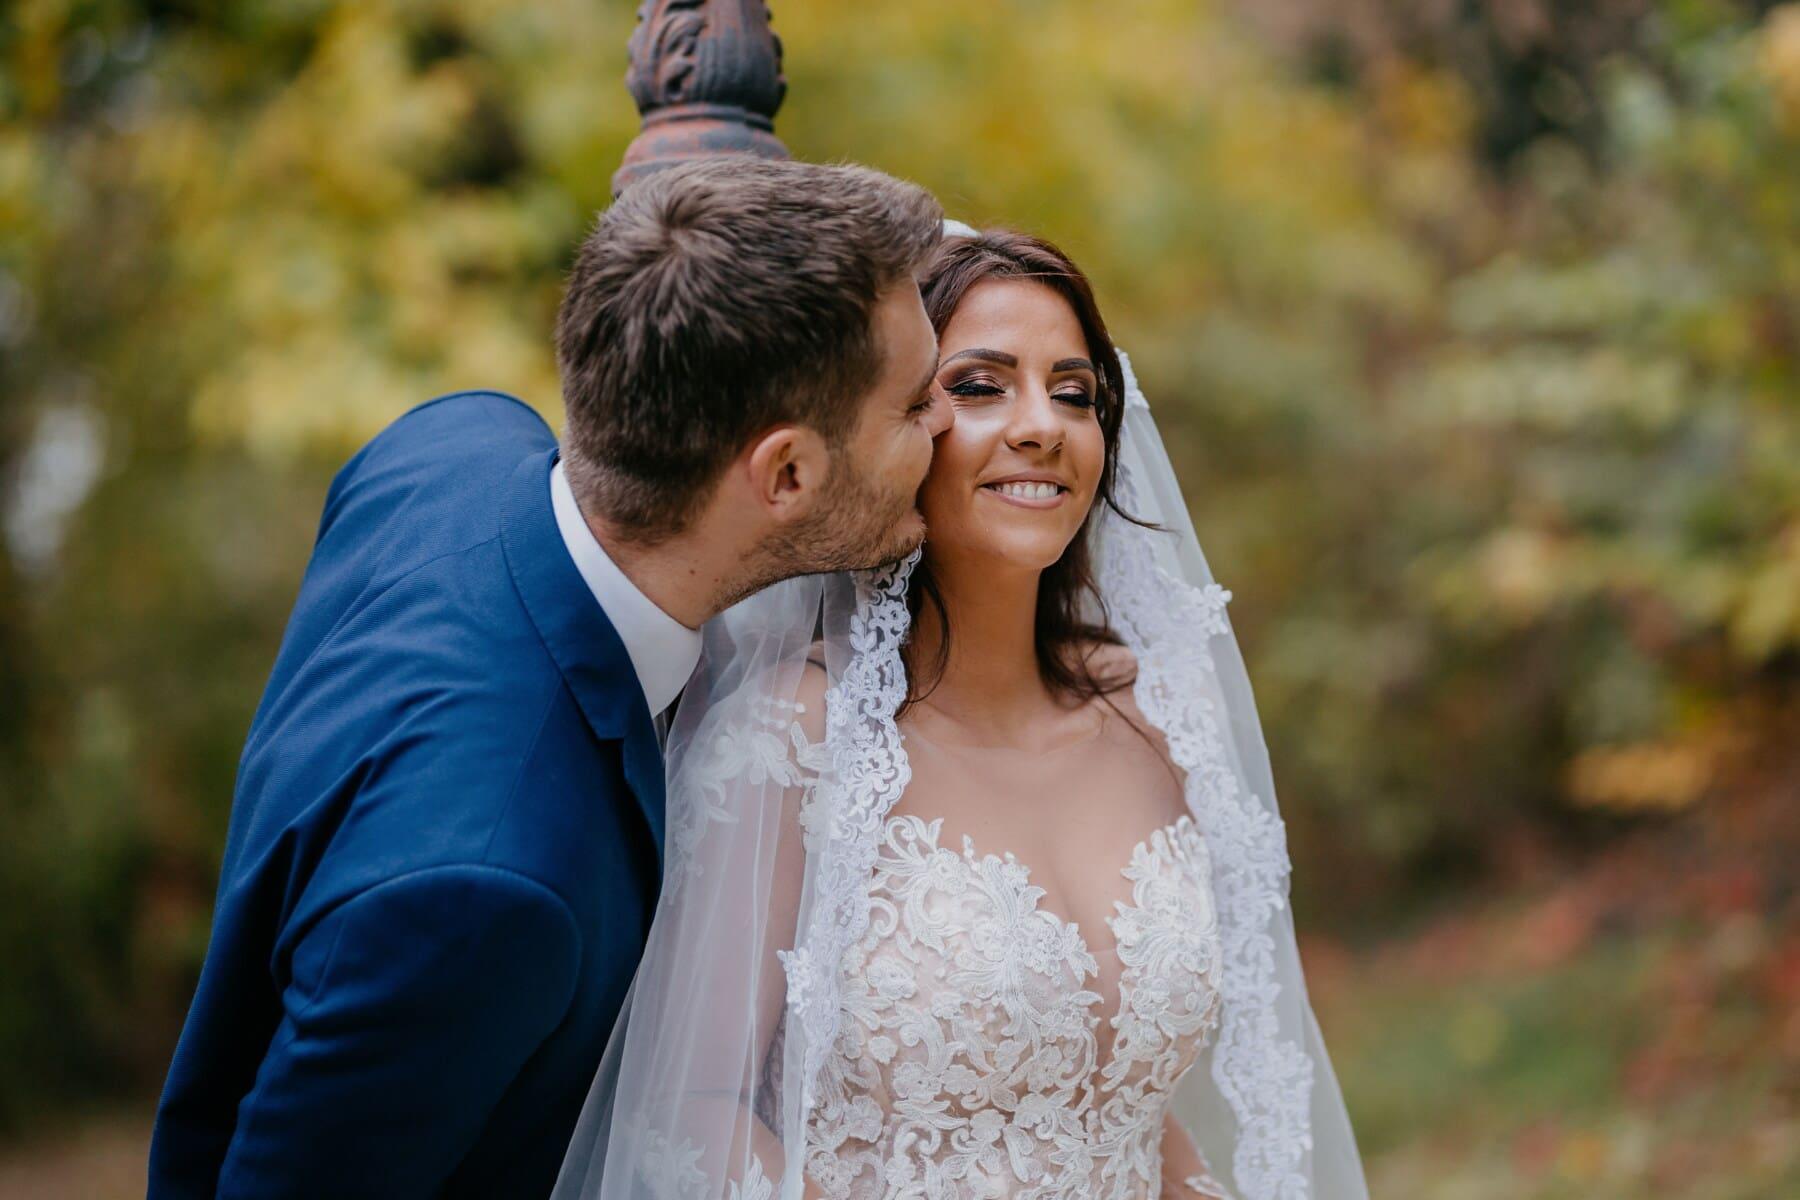 marito, moglie, bacio, novelli sposi, matrimonio, emozione, felicità, vestito da sposa, sposato, amore